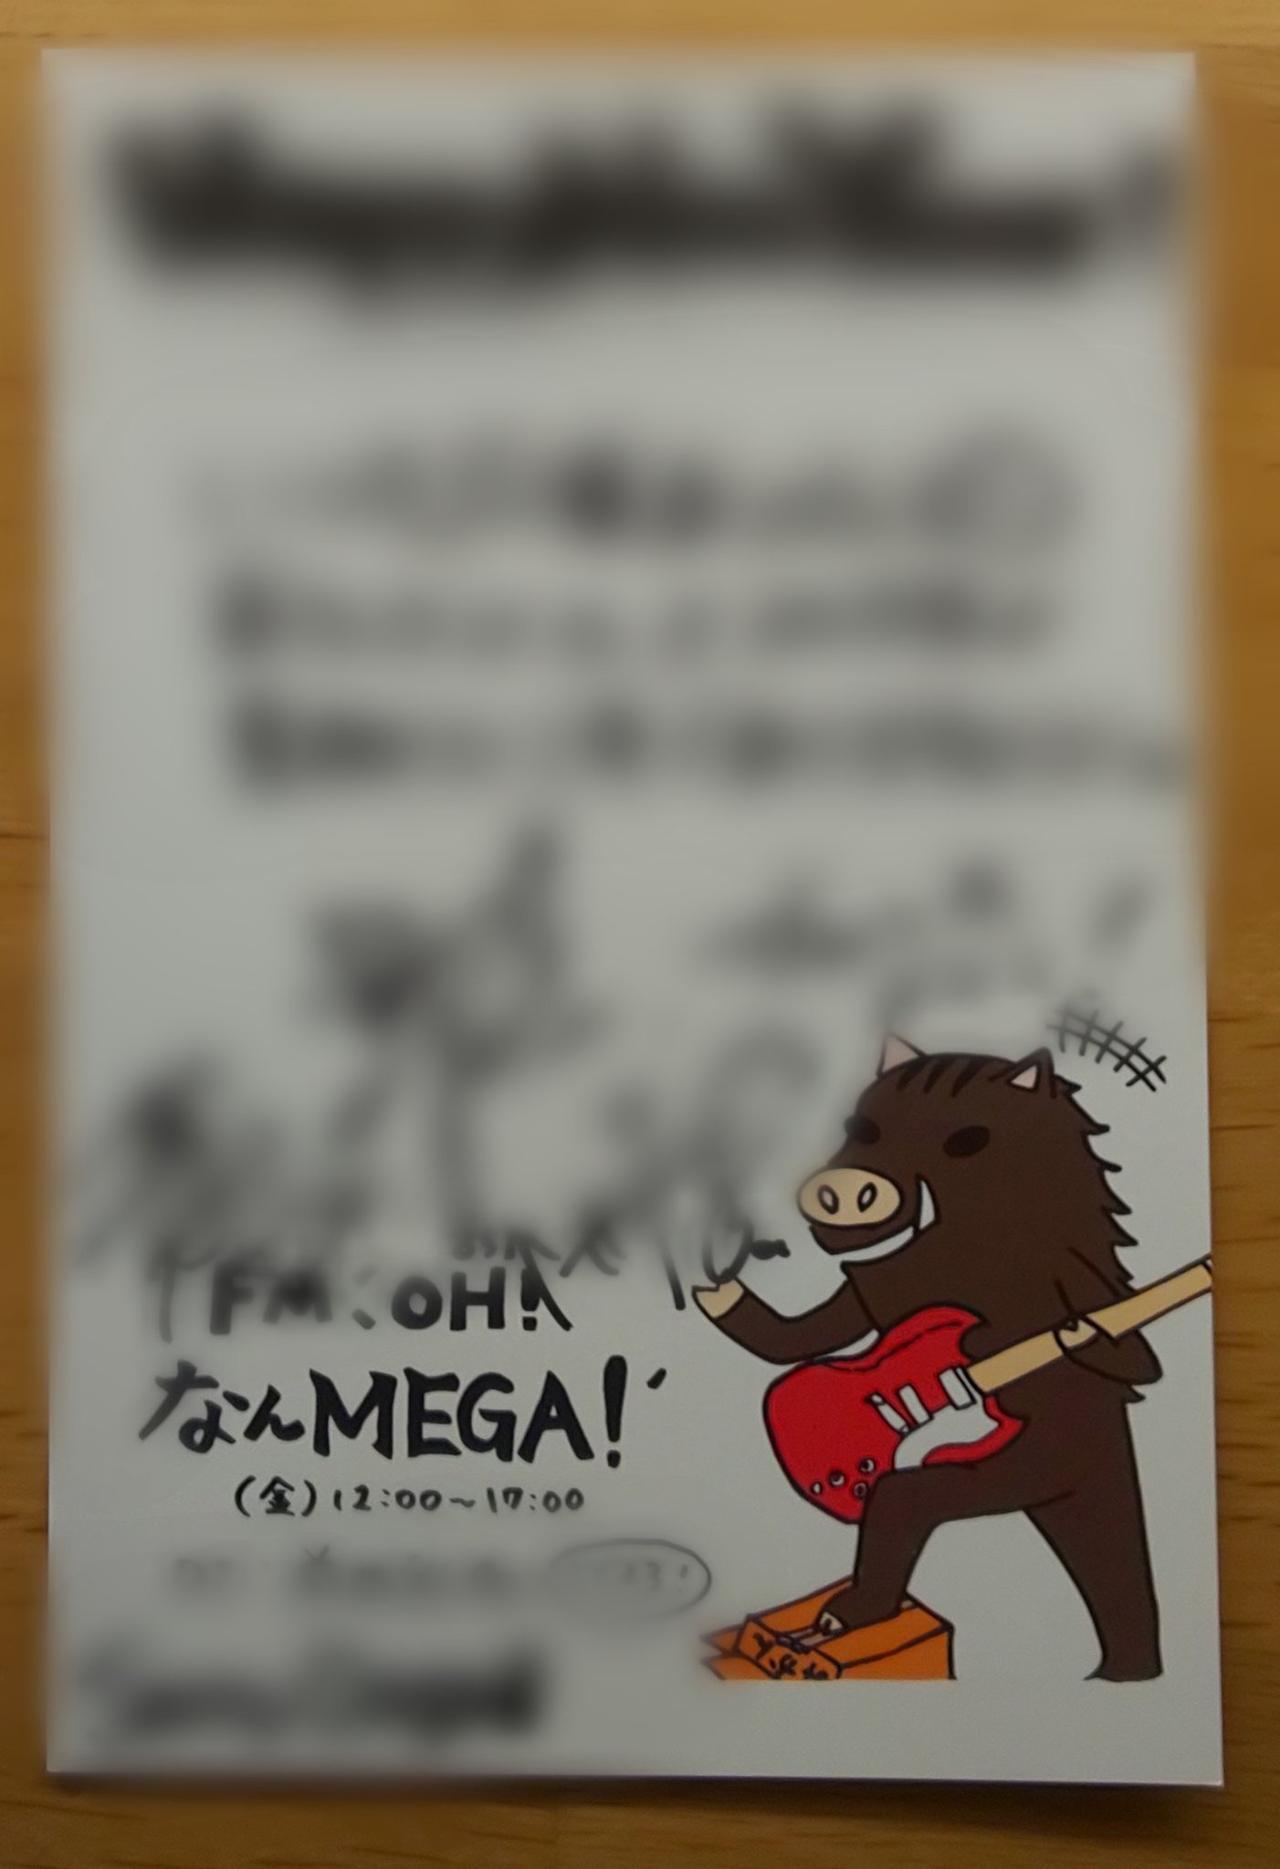 画像26: FM OH! なんMEGA! on Twitter twitter.com